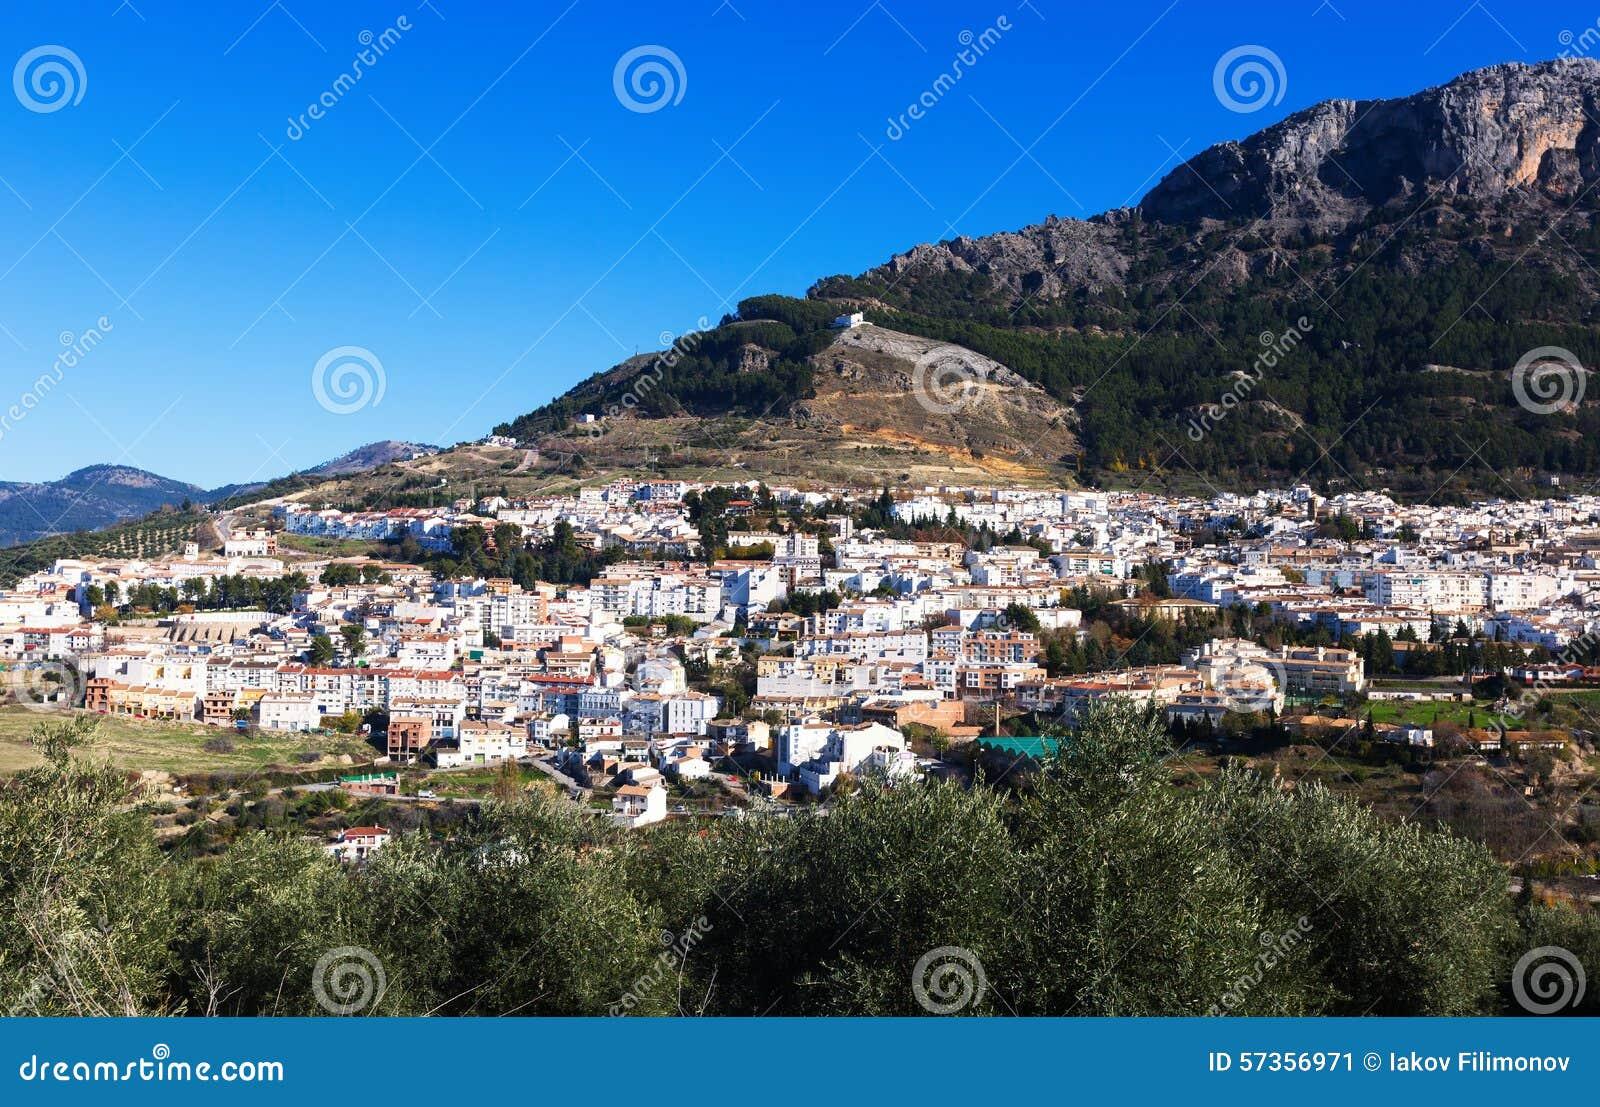 General view of Quesada